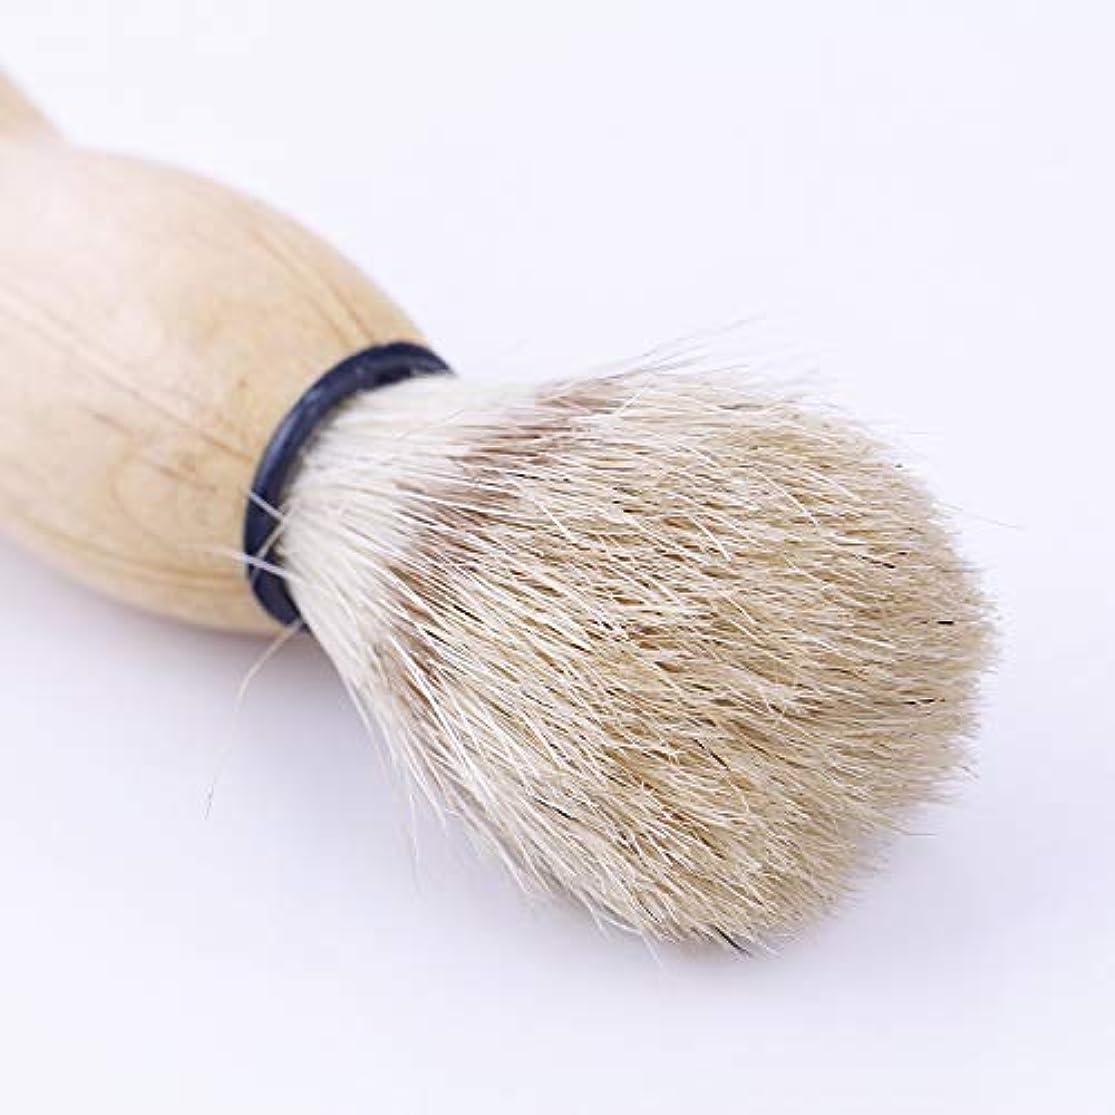 昇る受付保険をかけるSMTHOME シェービング用ブラシ メンズ 100% ウール毛 理容 洗顔 髭剃り 泡立ち